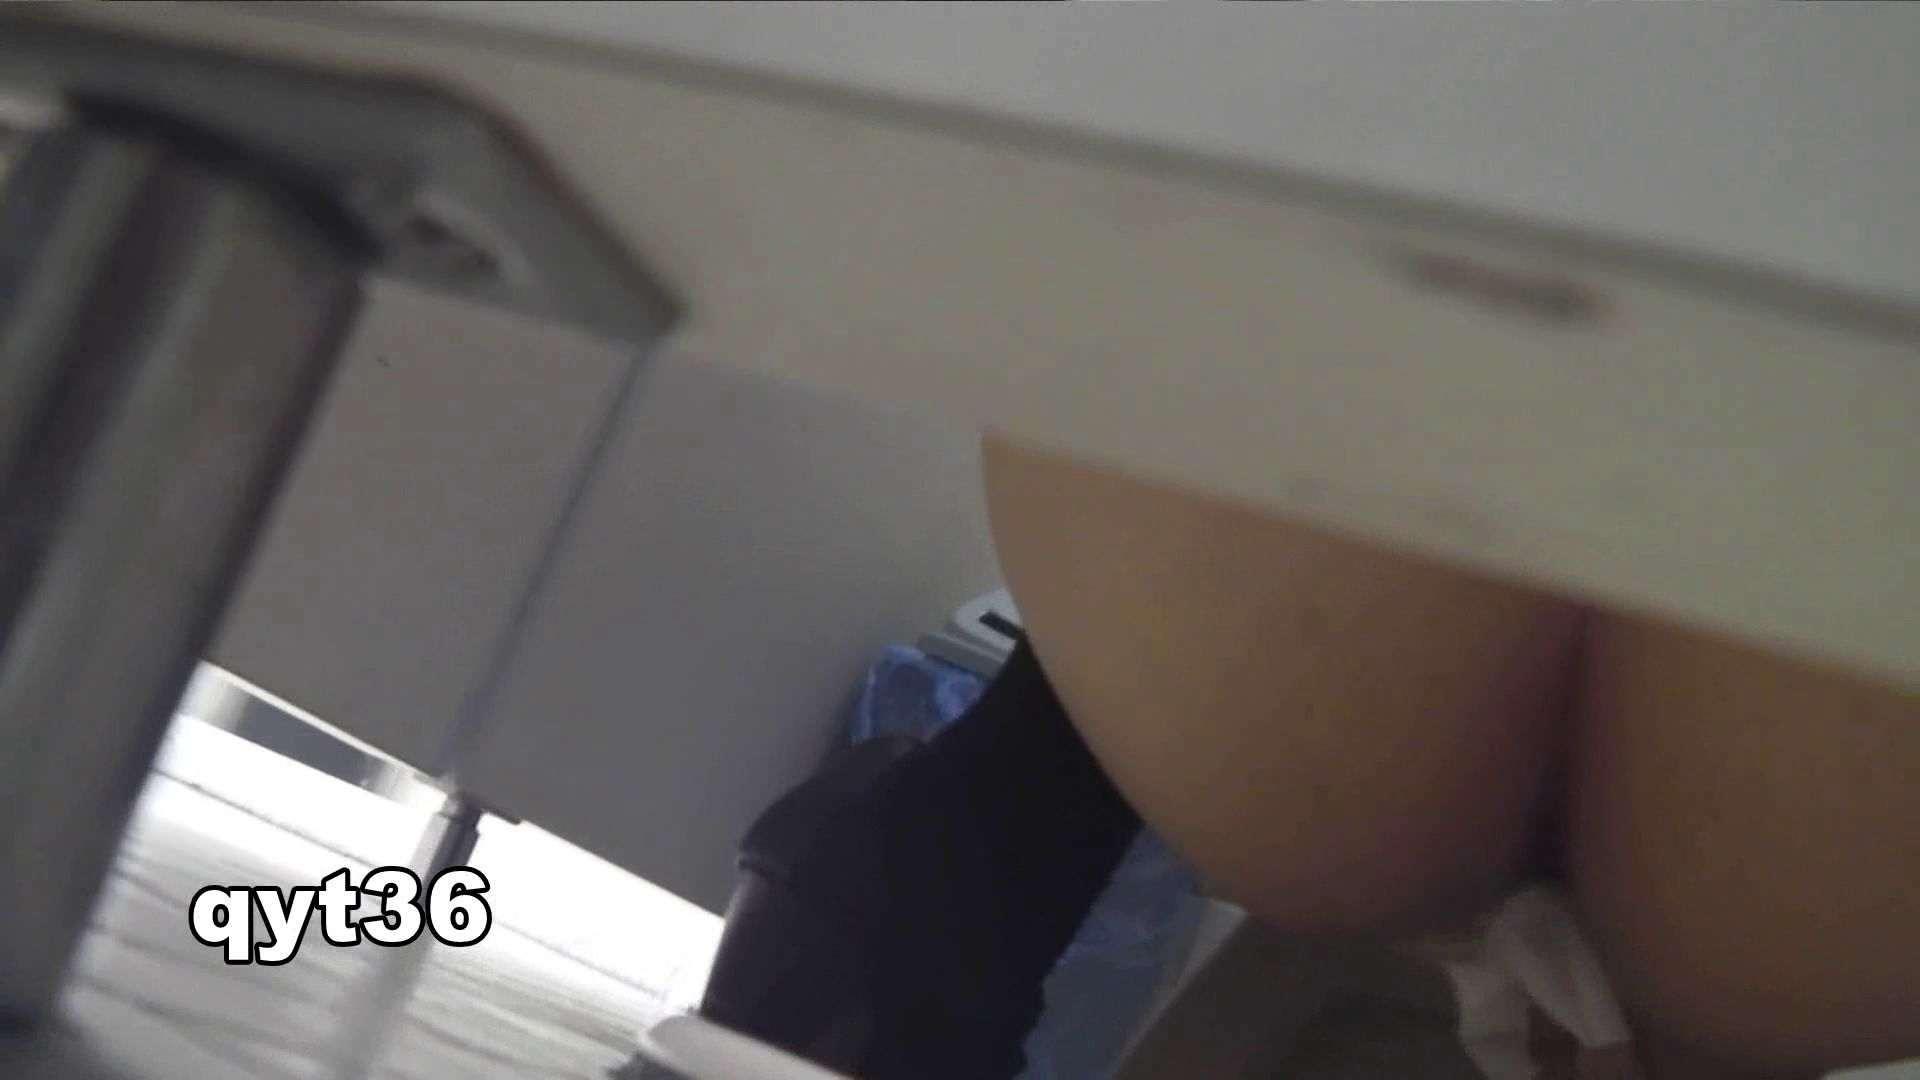 vol.35 命がけ潜伏洗面所! 腰のひねりには定評があります 洗面所 | いやらしいOL  84連発 31